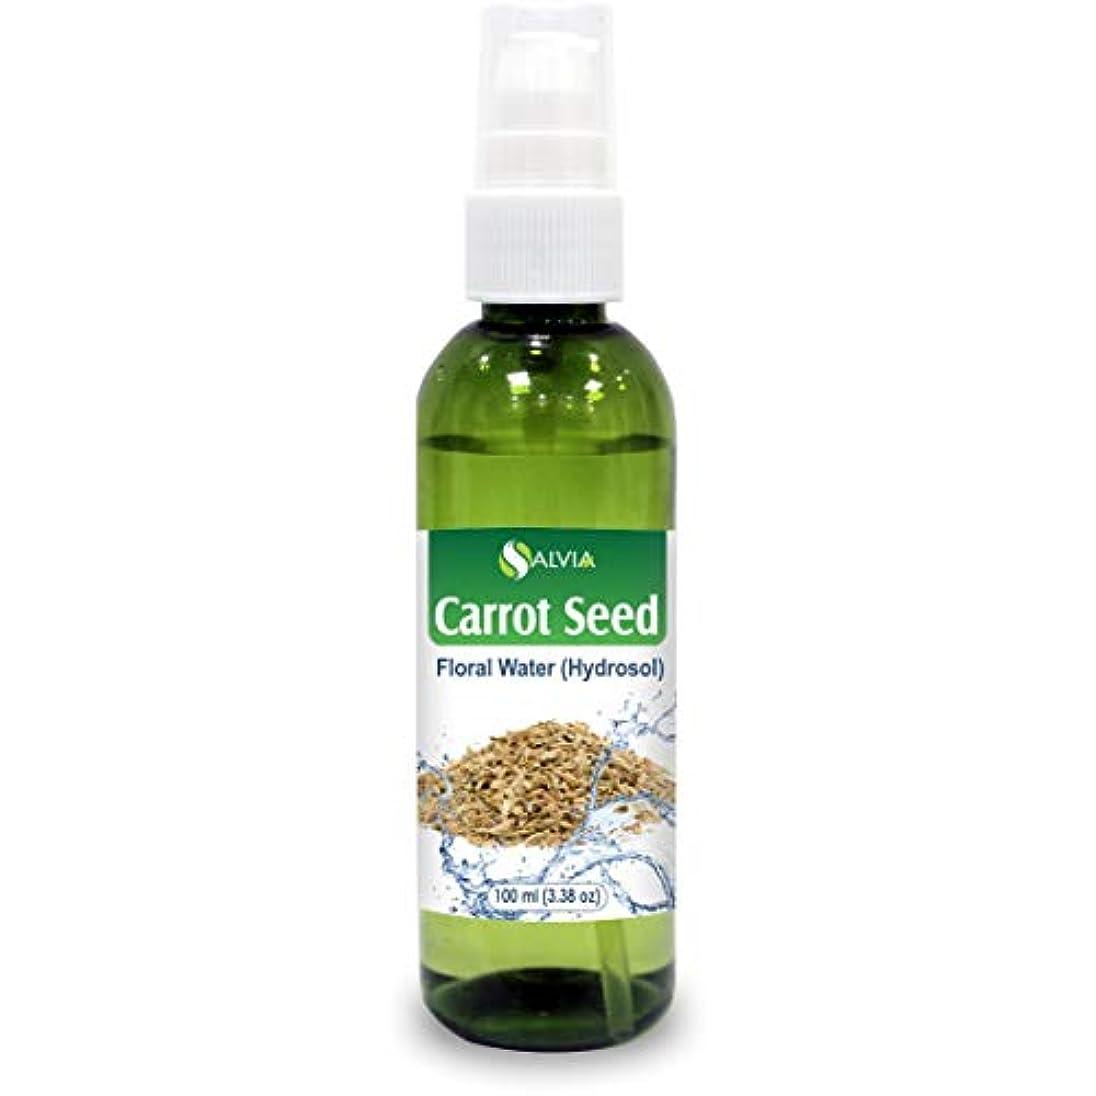 カビバッジ官僚Carrot Seed Floral Water Floral Water 100ml (Hydrosol) 100% Pure And Natural